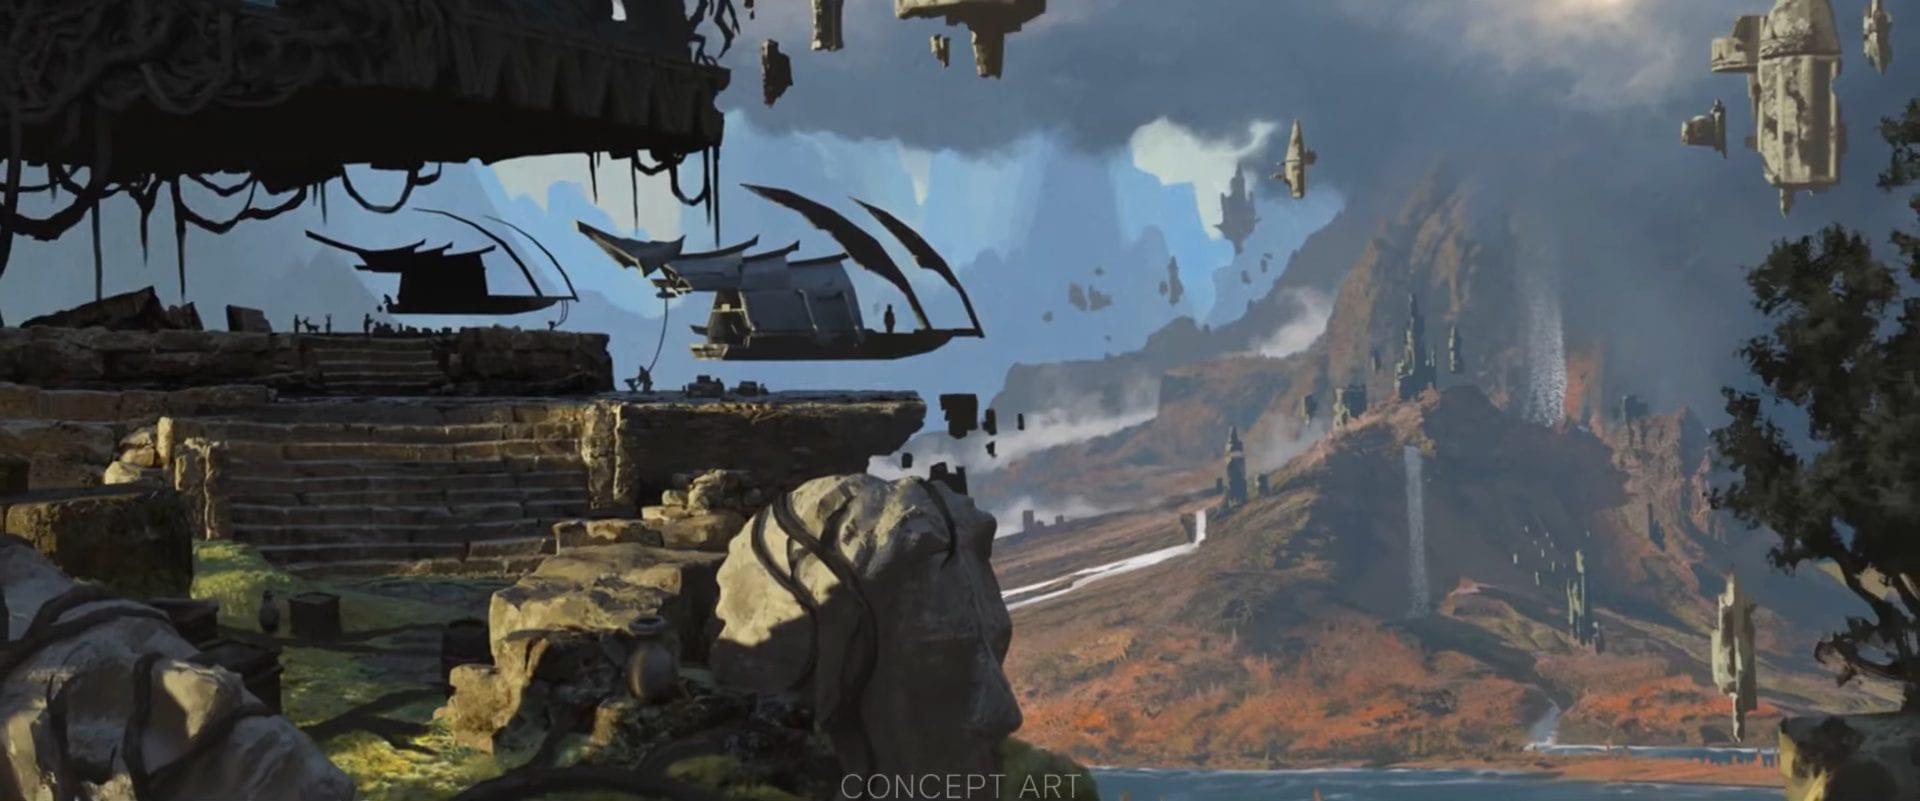 Dragon Age 4 Dread Wolf Rises Concept Art Spielwelt